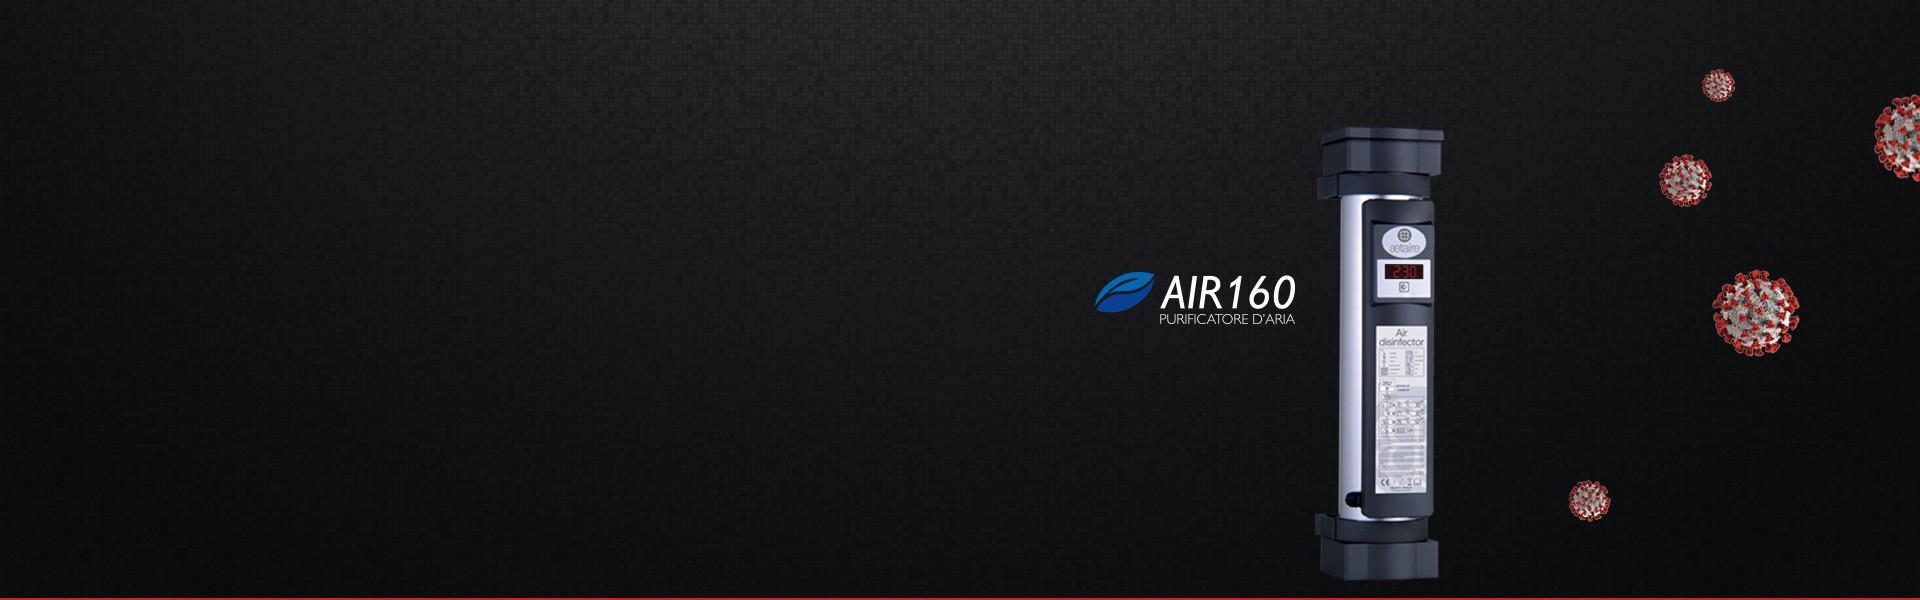 Air 160